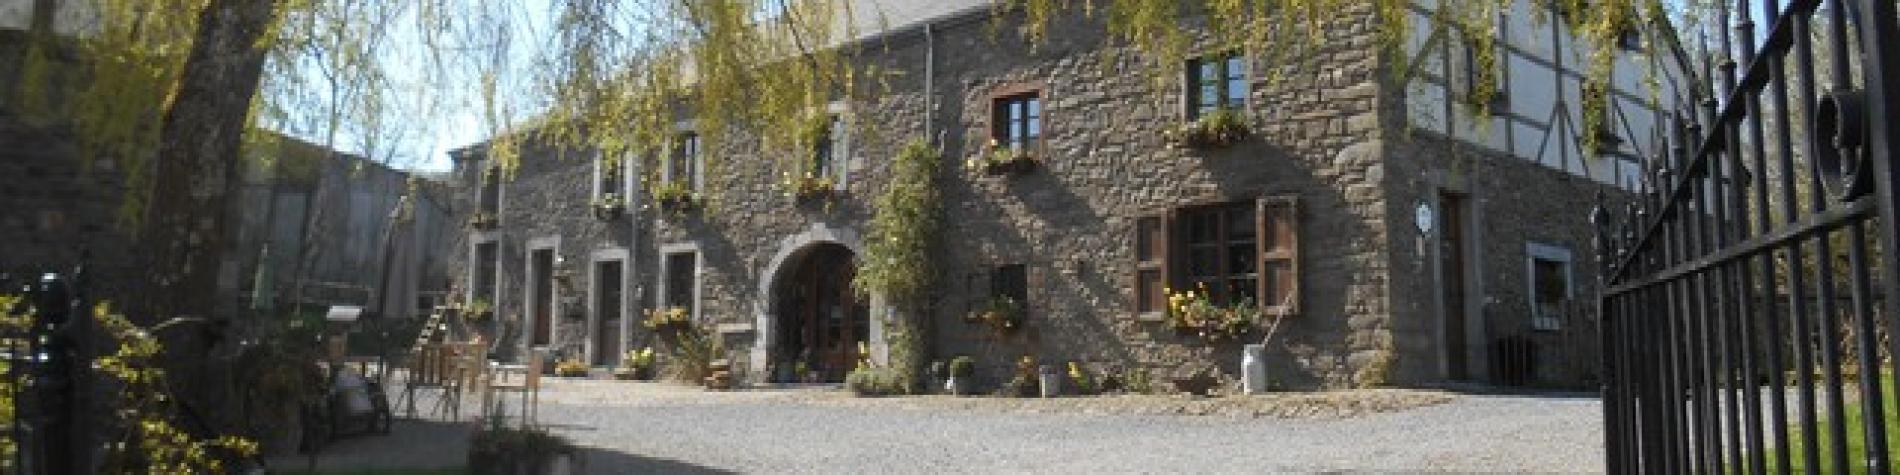 Maison d'hôtes - Le Clos de la Fontaine - Cheoux